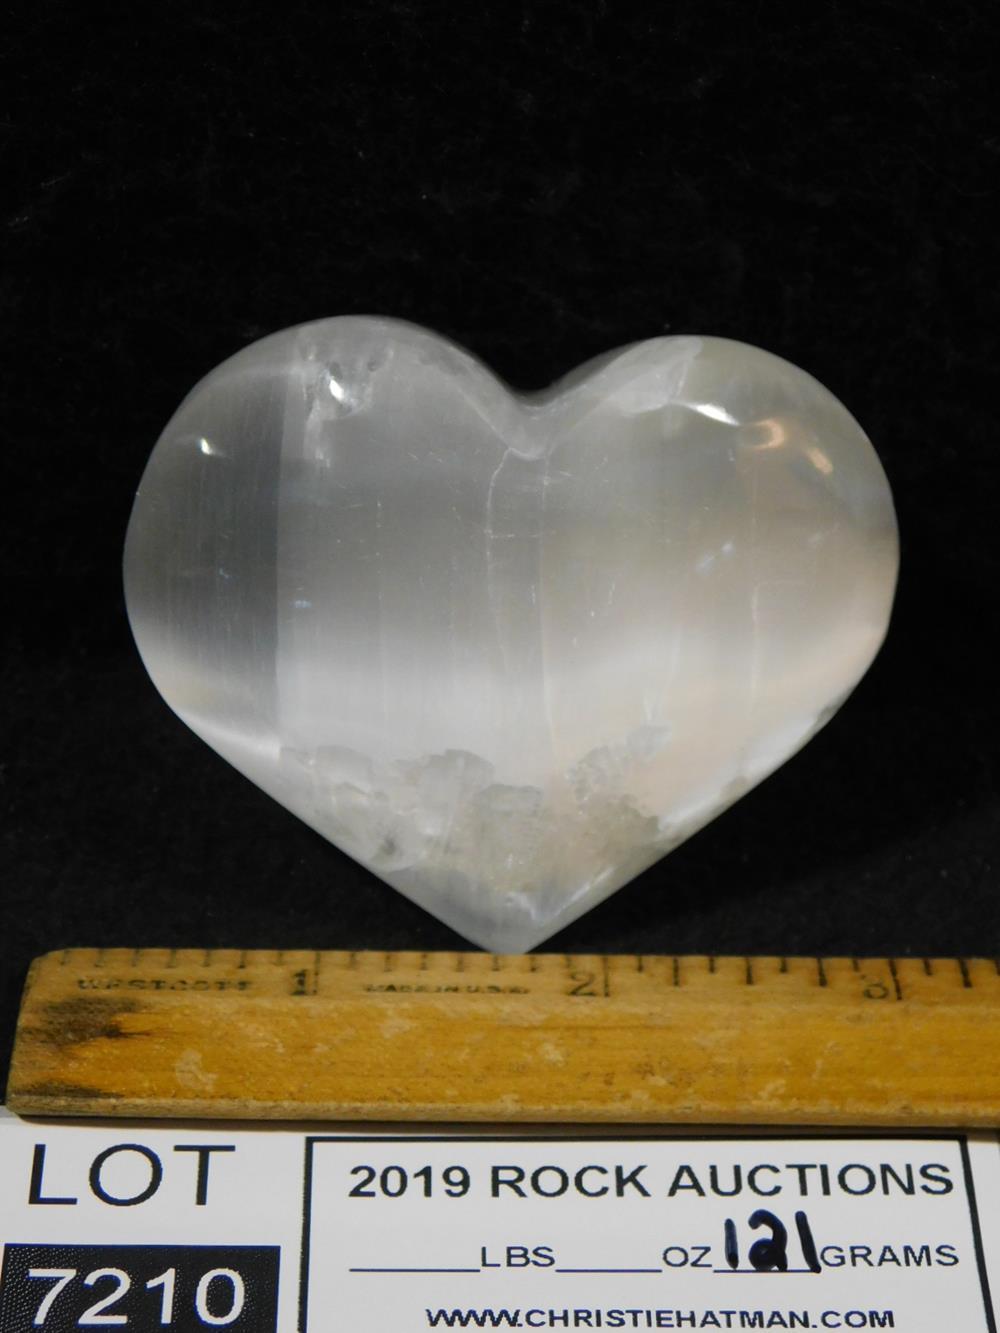 SELENITE HEART ROCK STONE LAPIDARY SPECIMEN